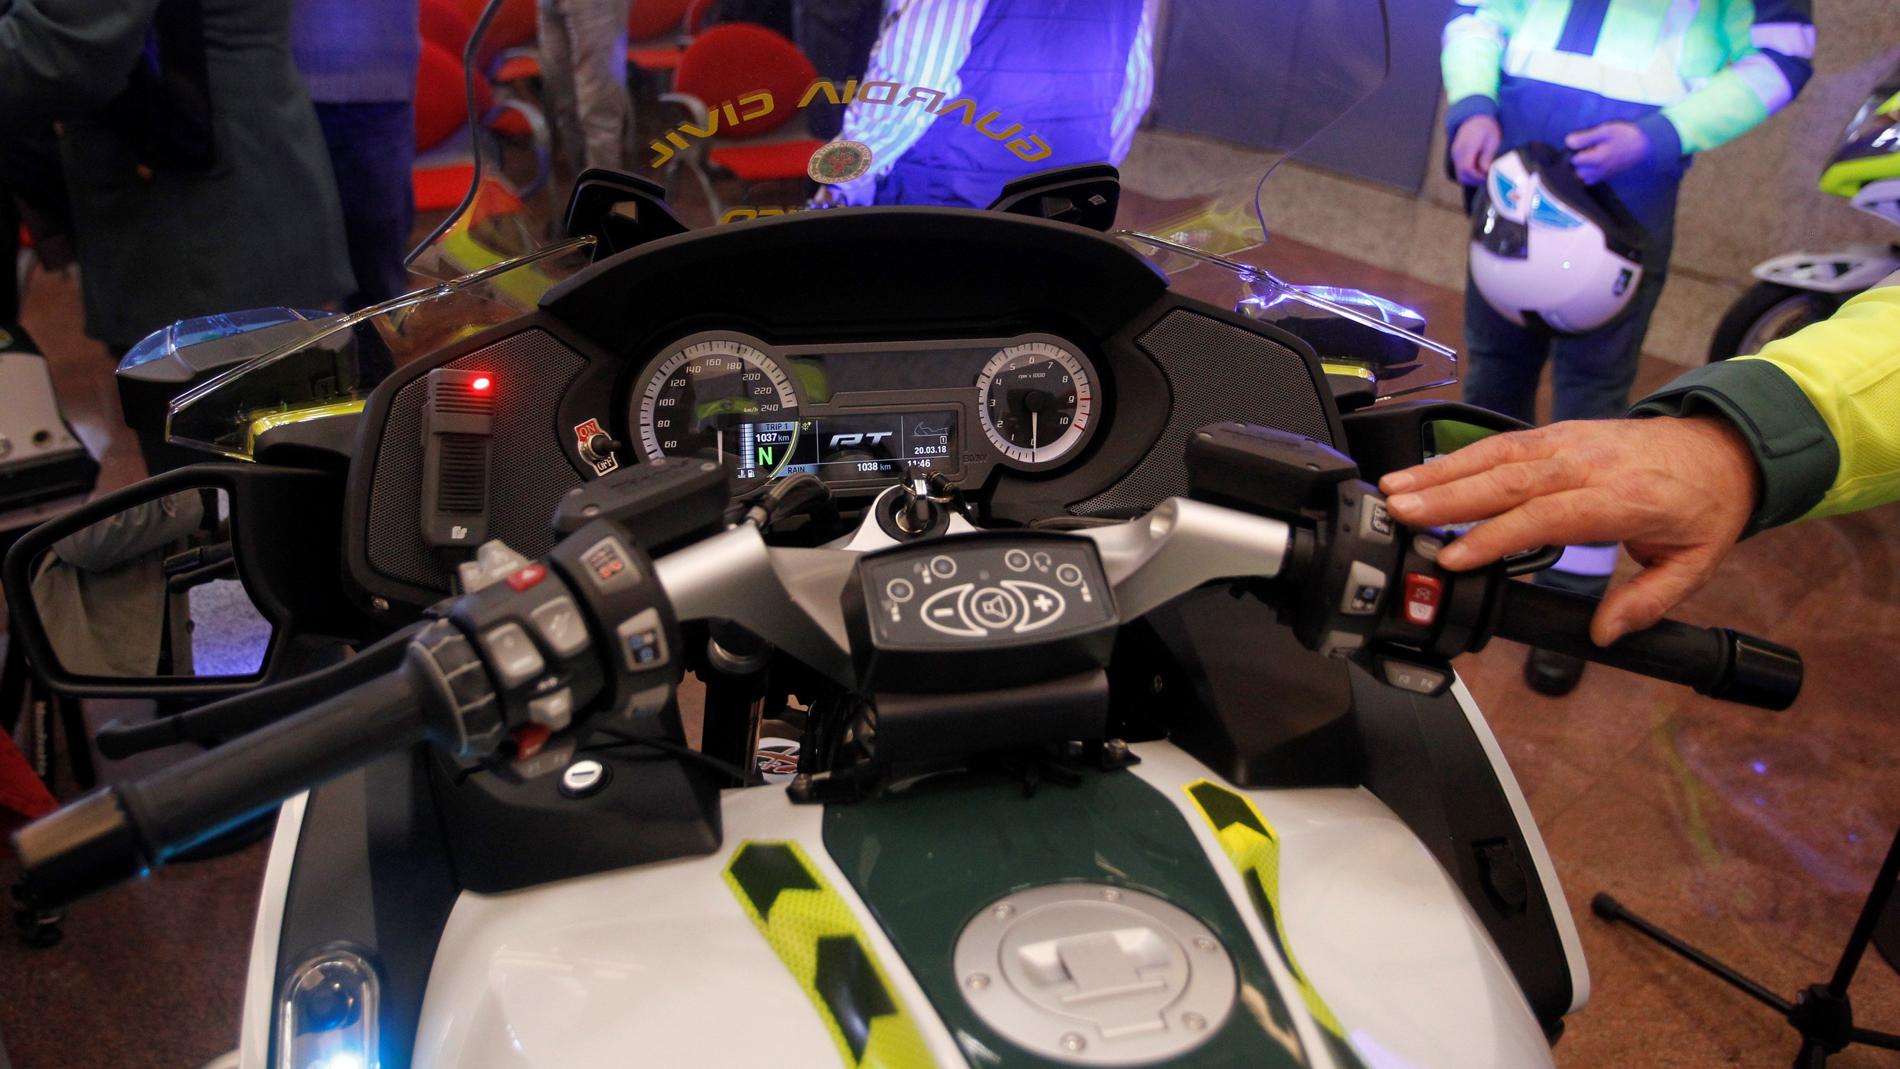 Tráfico usará minirradares en las motos para controlar la velocidad en Semana Santa